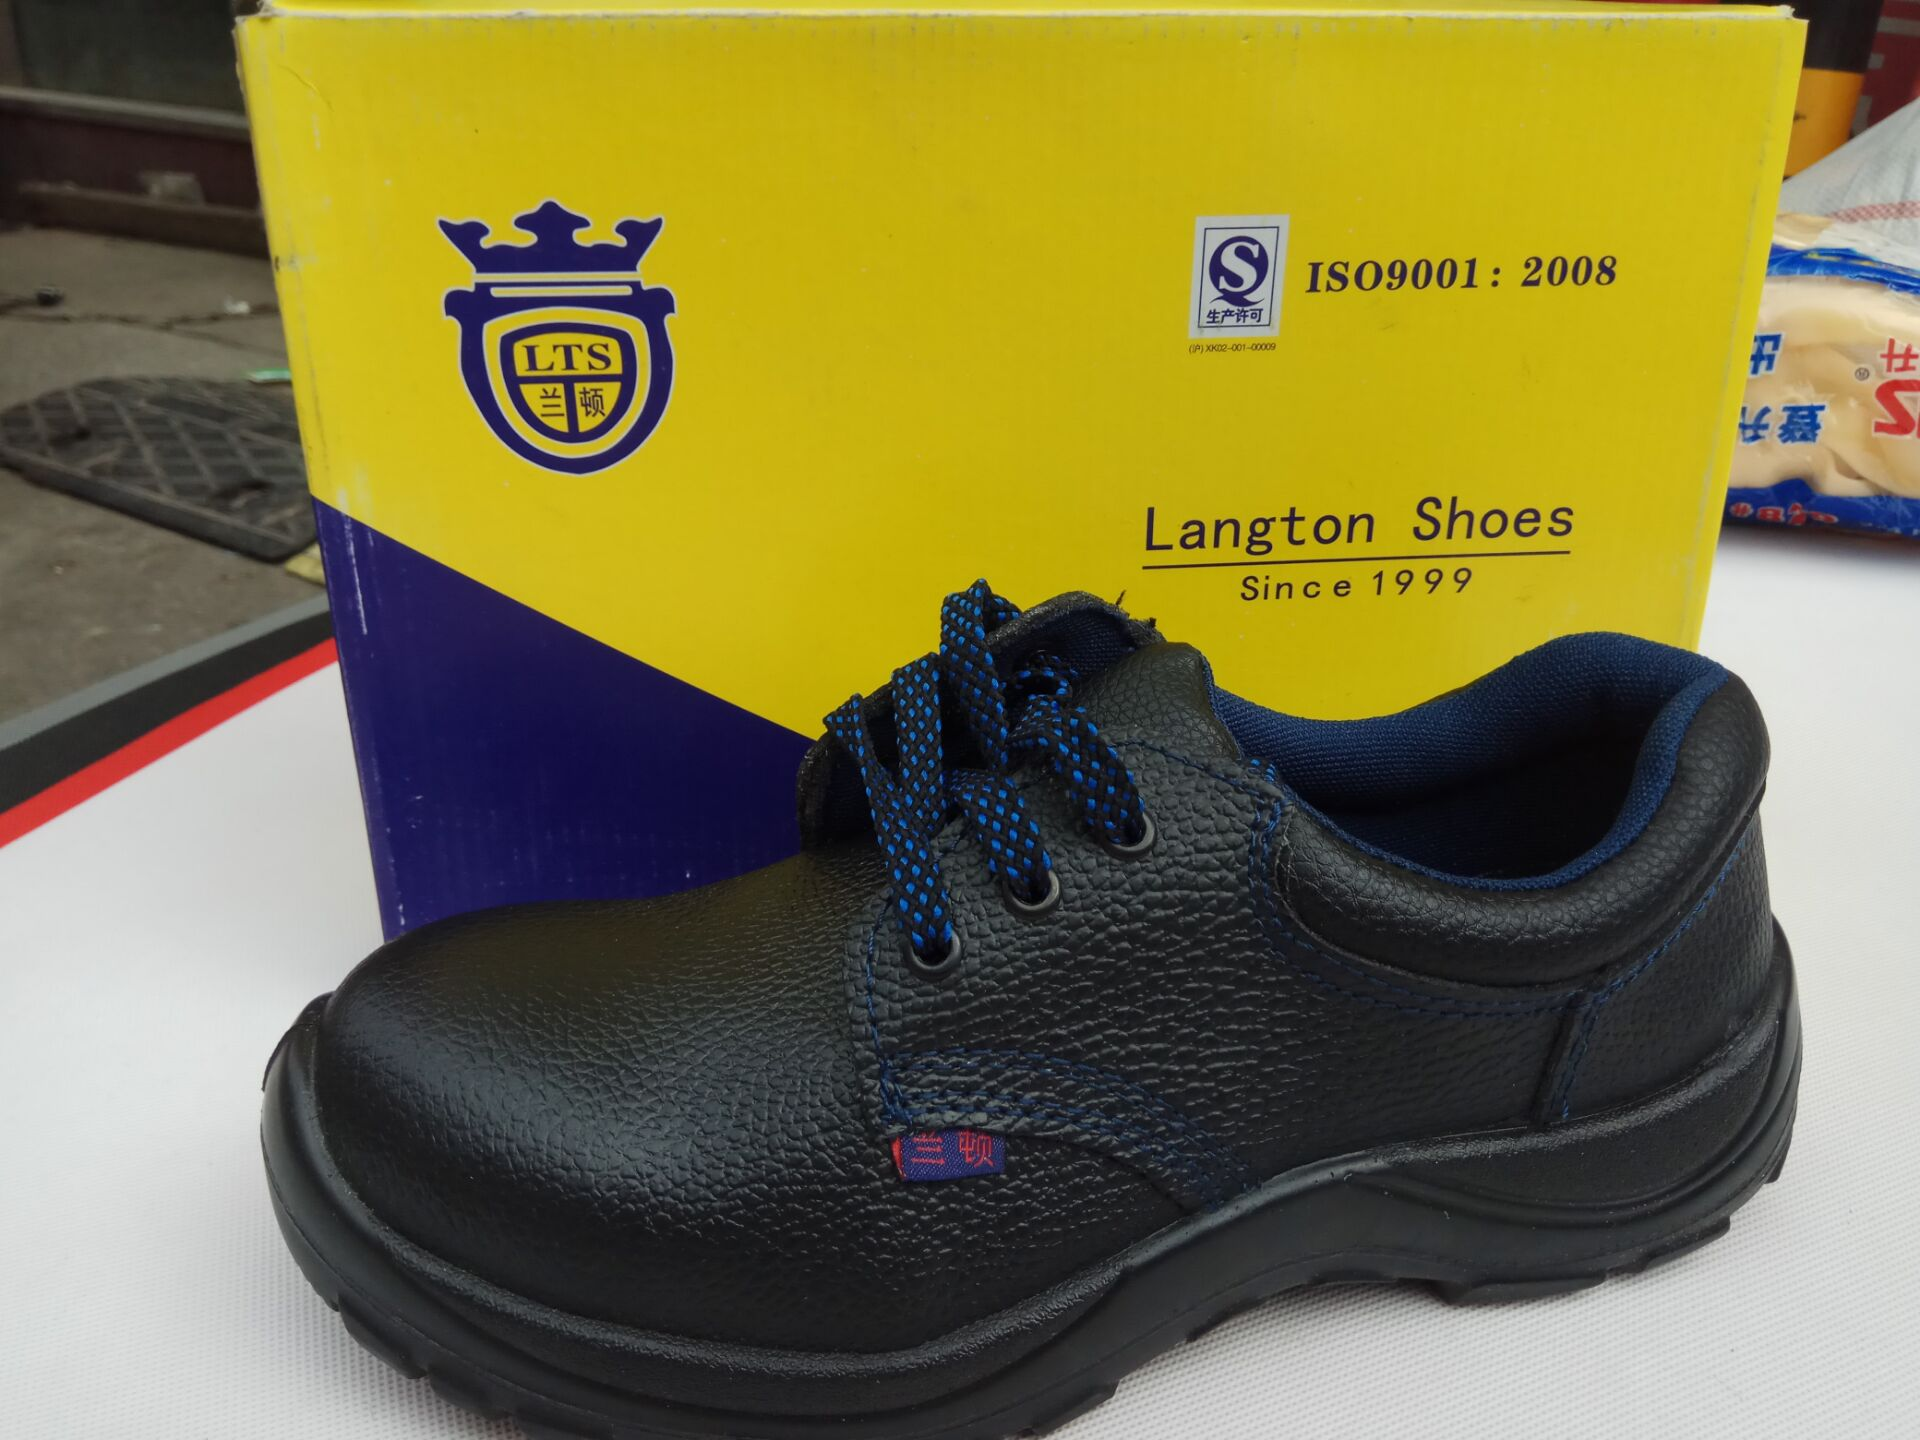 上海兰顿劳保鞋 安全鞋防砸防刺穿 工作鞋 钢包头 绝缘6KV电工鞋